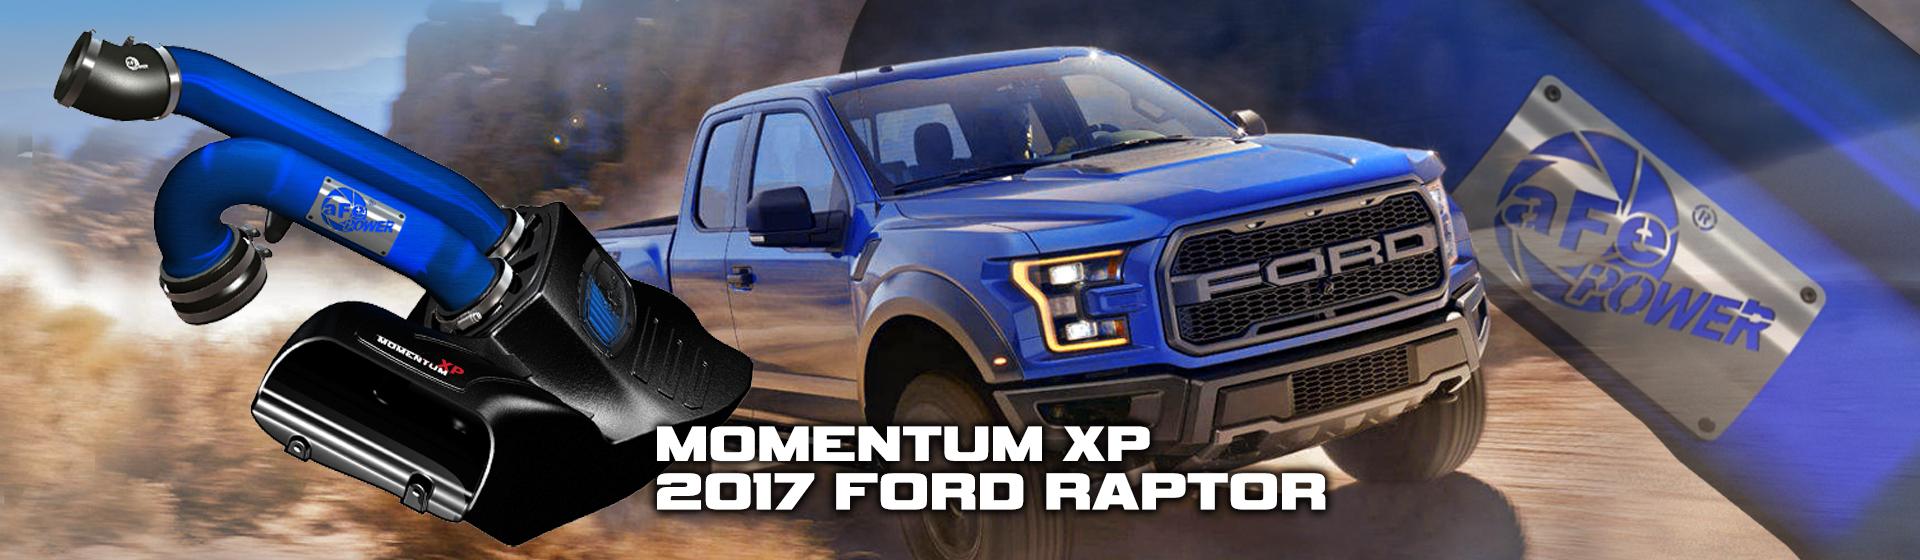 raptor-momentum-XP-intake-npa-blog